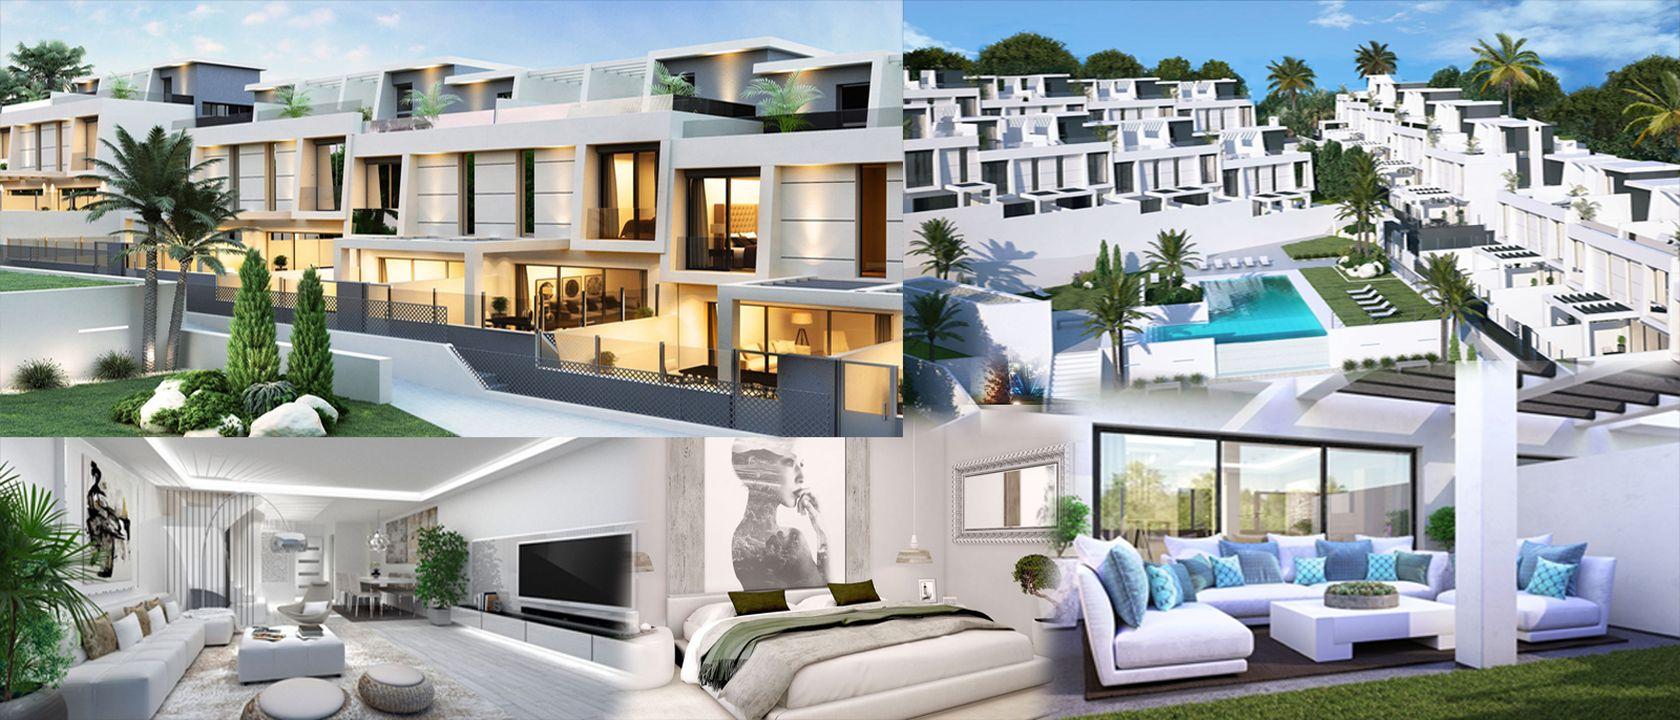 Urbanización Oasis Añoreta – diseño de jardines  y fachada